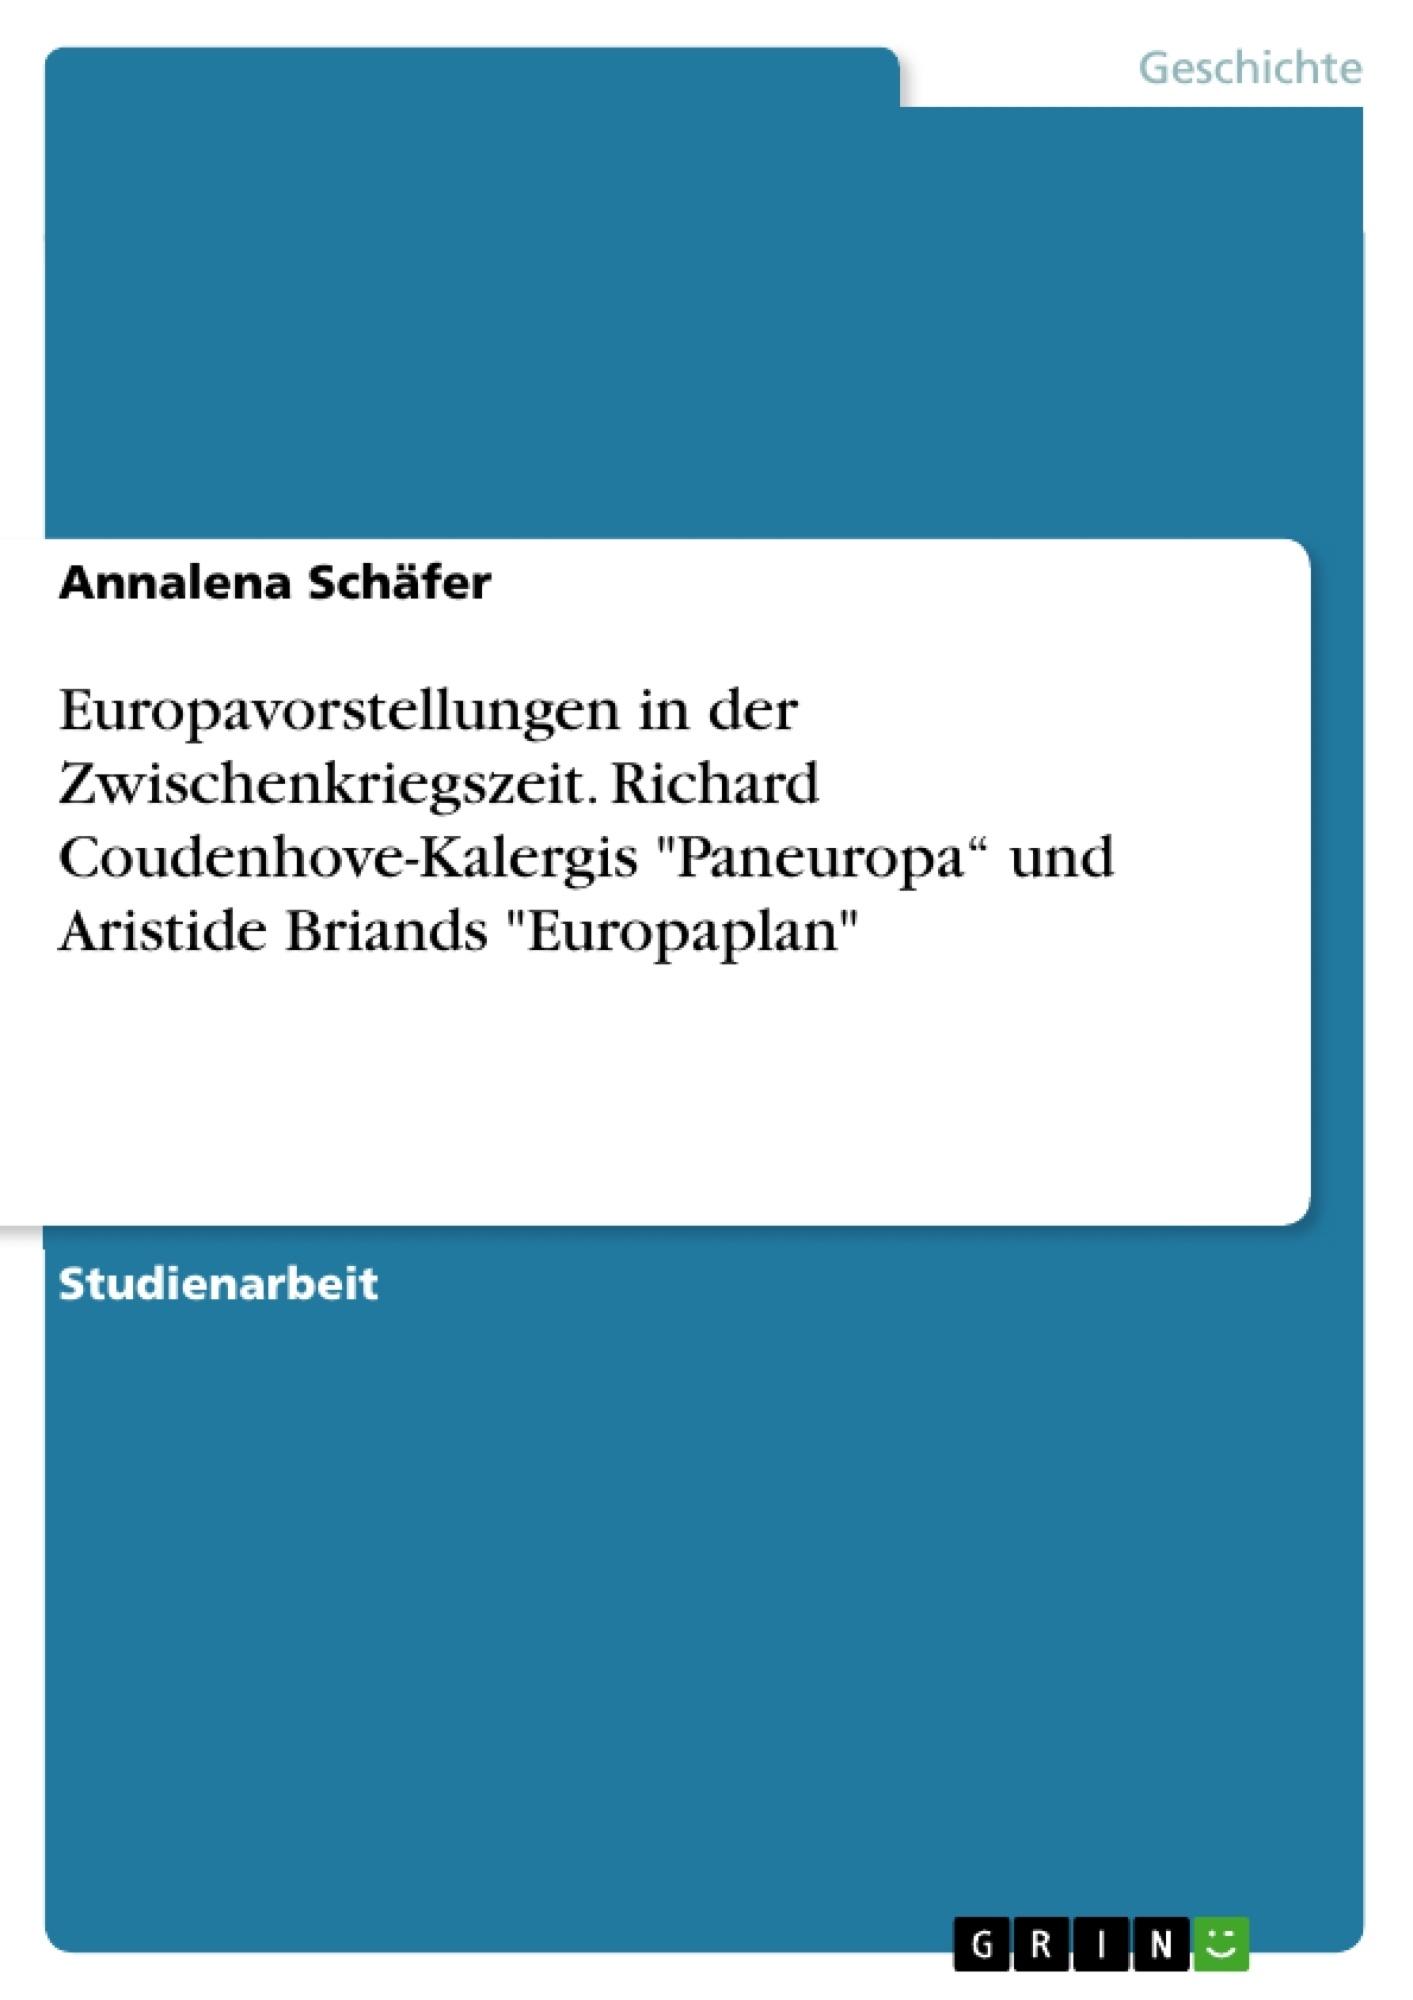 """Titel: Europavorstellungen in der Zwischenkriegszeit. Richard Coudenhove-Kalergis """"Paneuropa"""" und Aristide Briands """"Europaplan"""""""